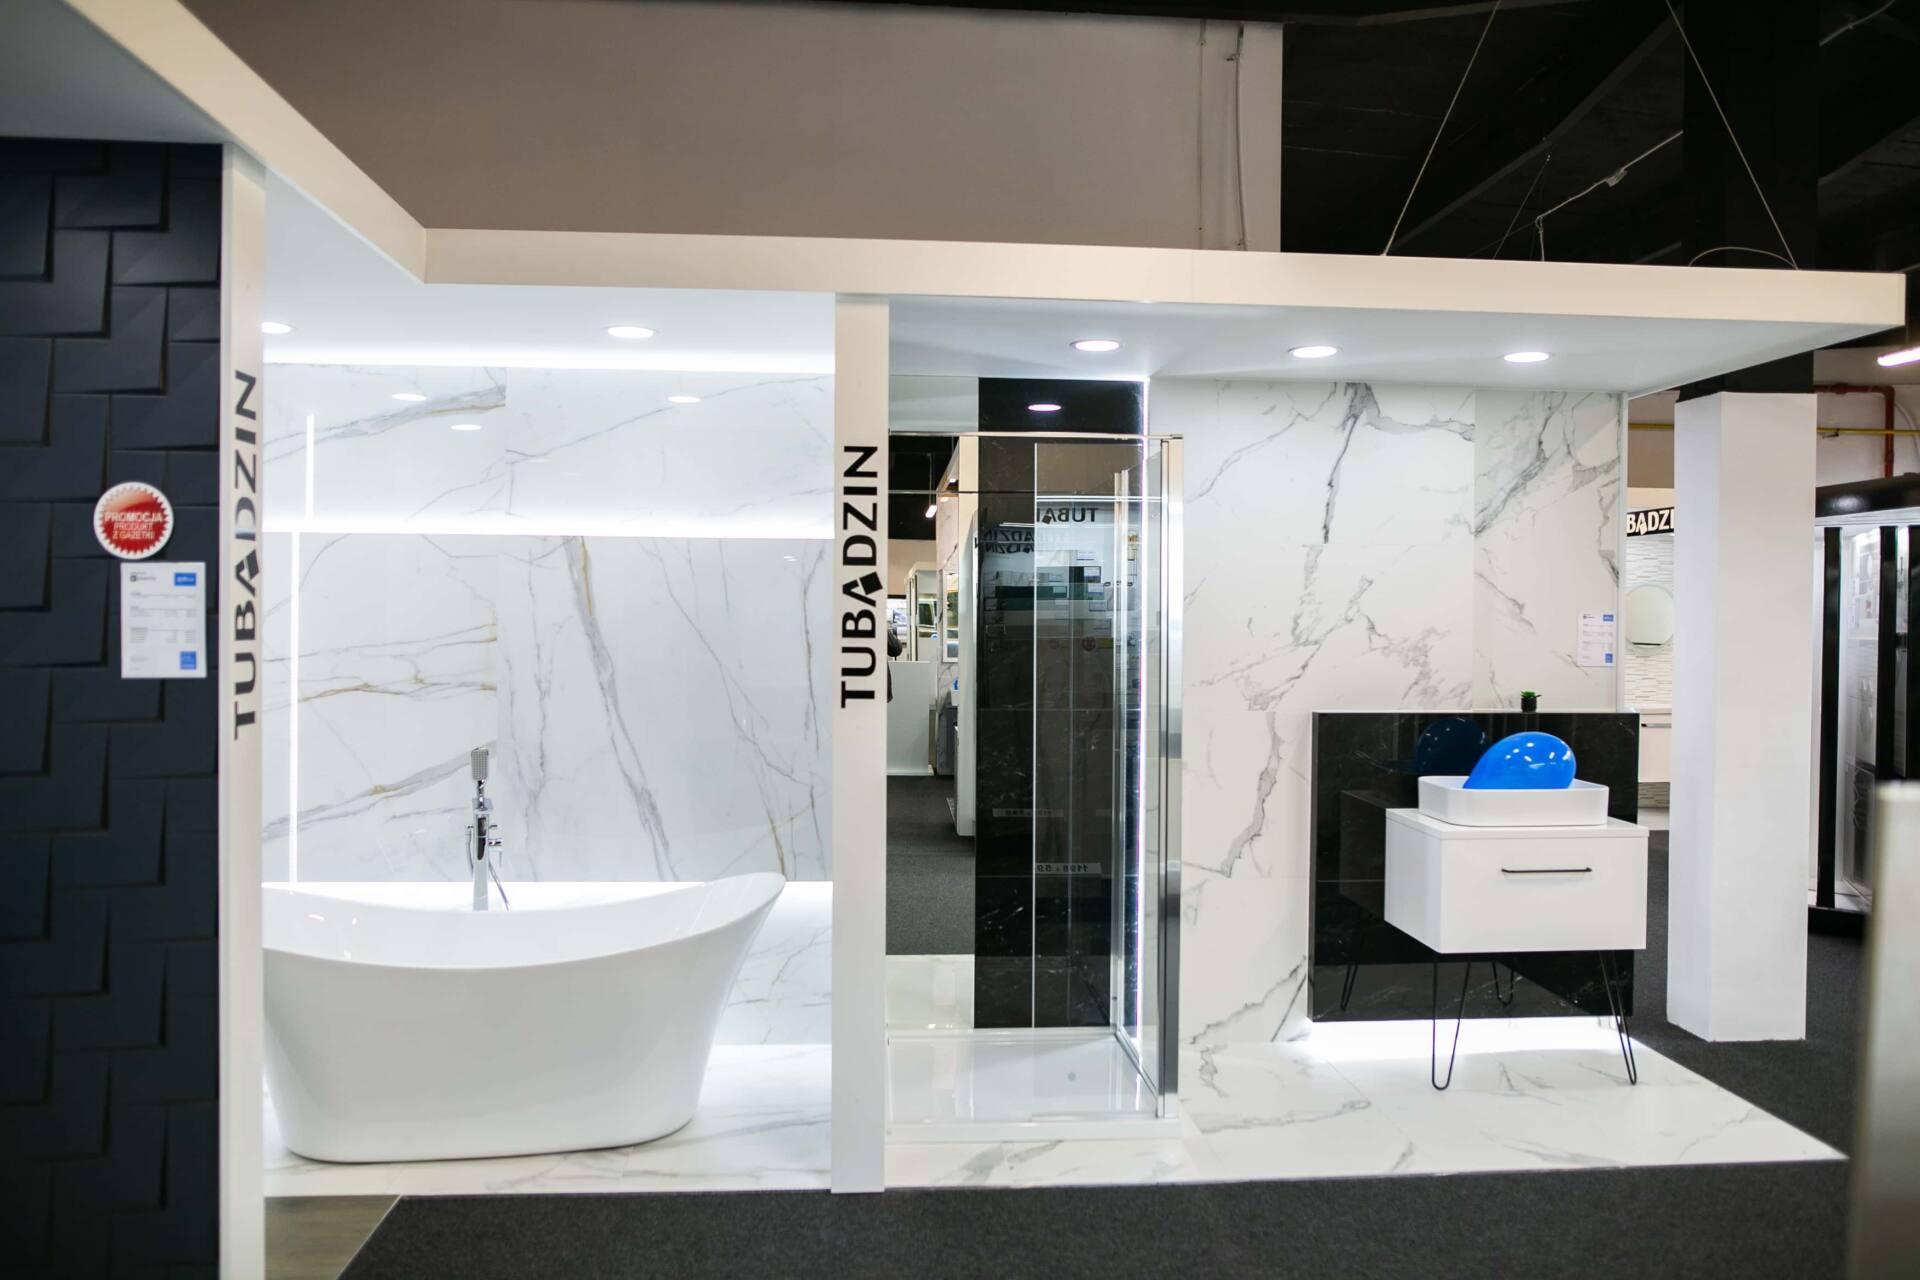 5db 5575 Salon BLU: na ponad 500 m2., 36 łazienkowych aranżacji i bogata ekspozycja wyposażenia (zdjęcia)